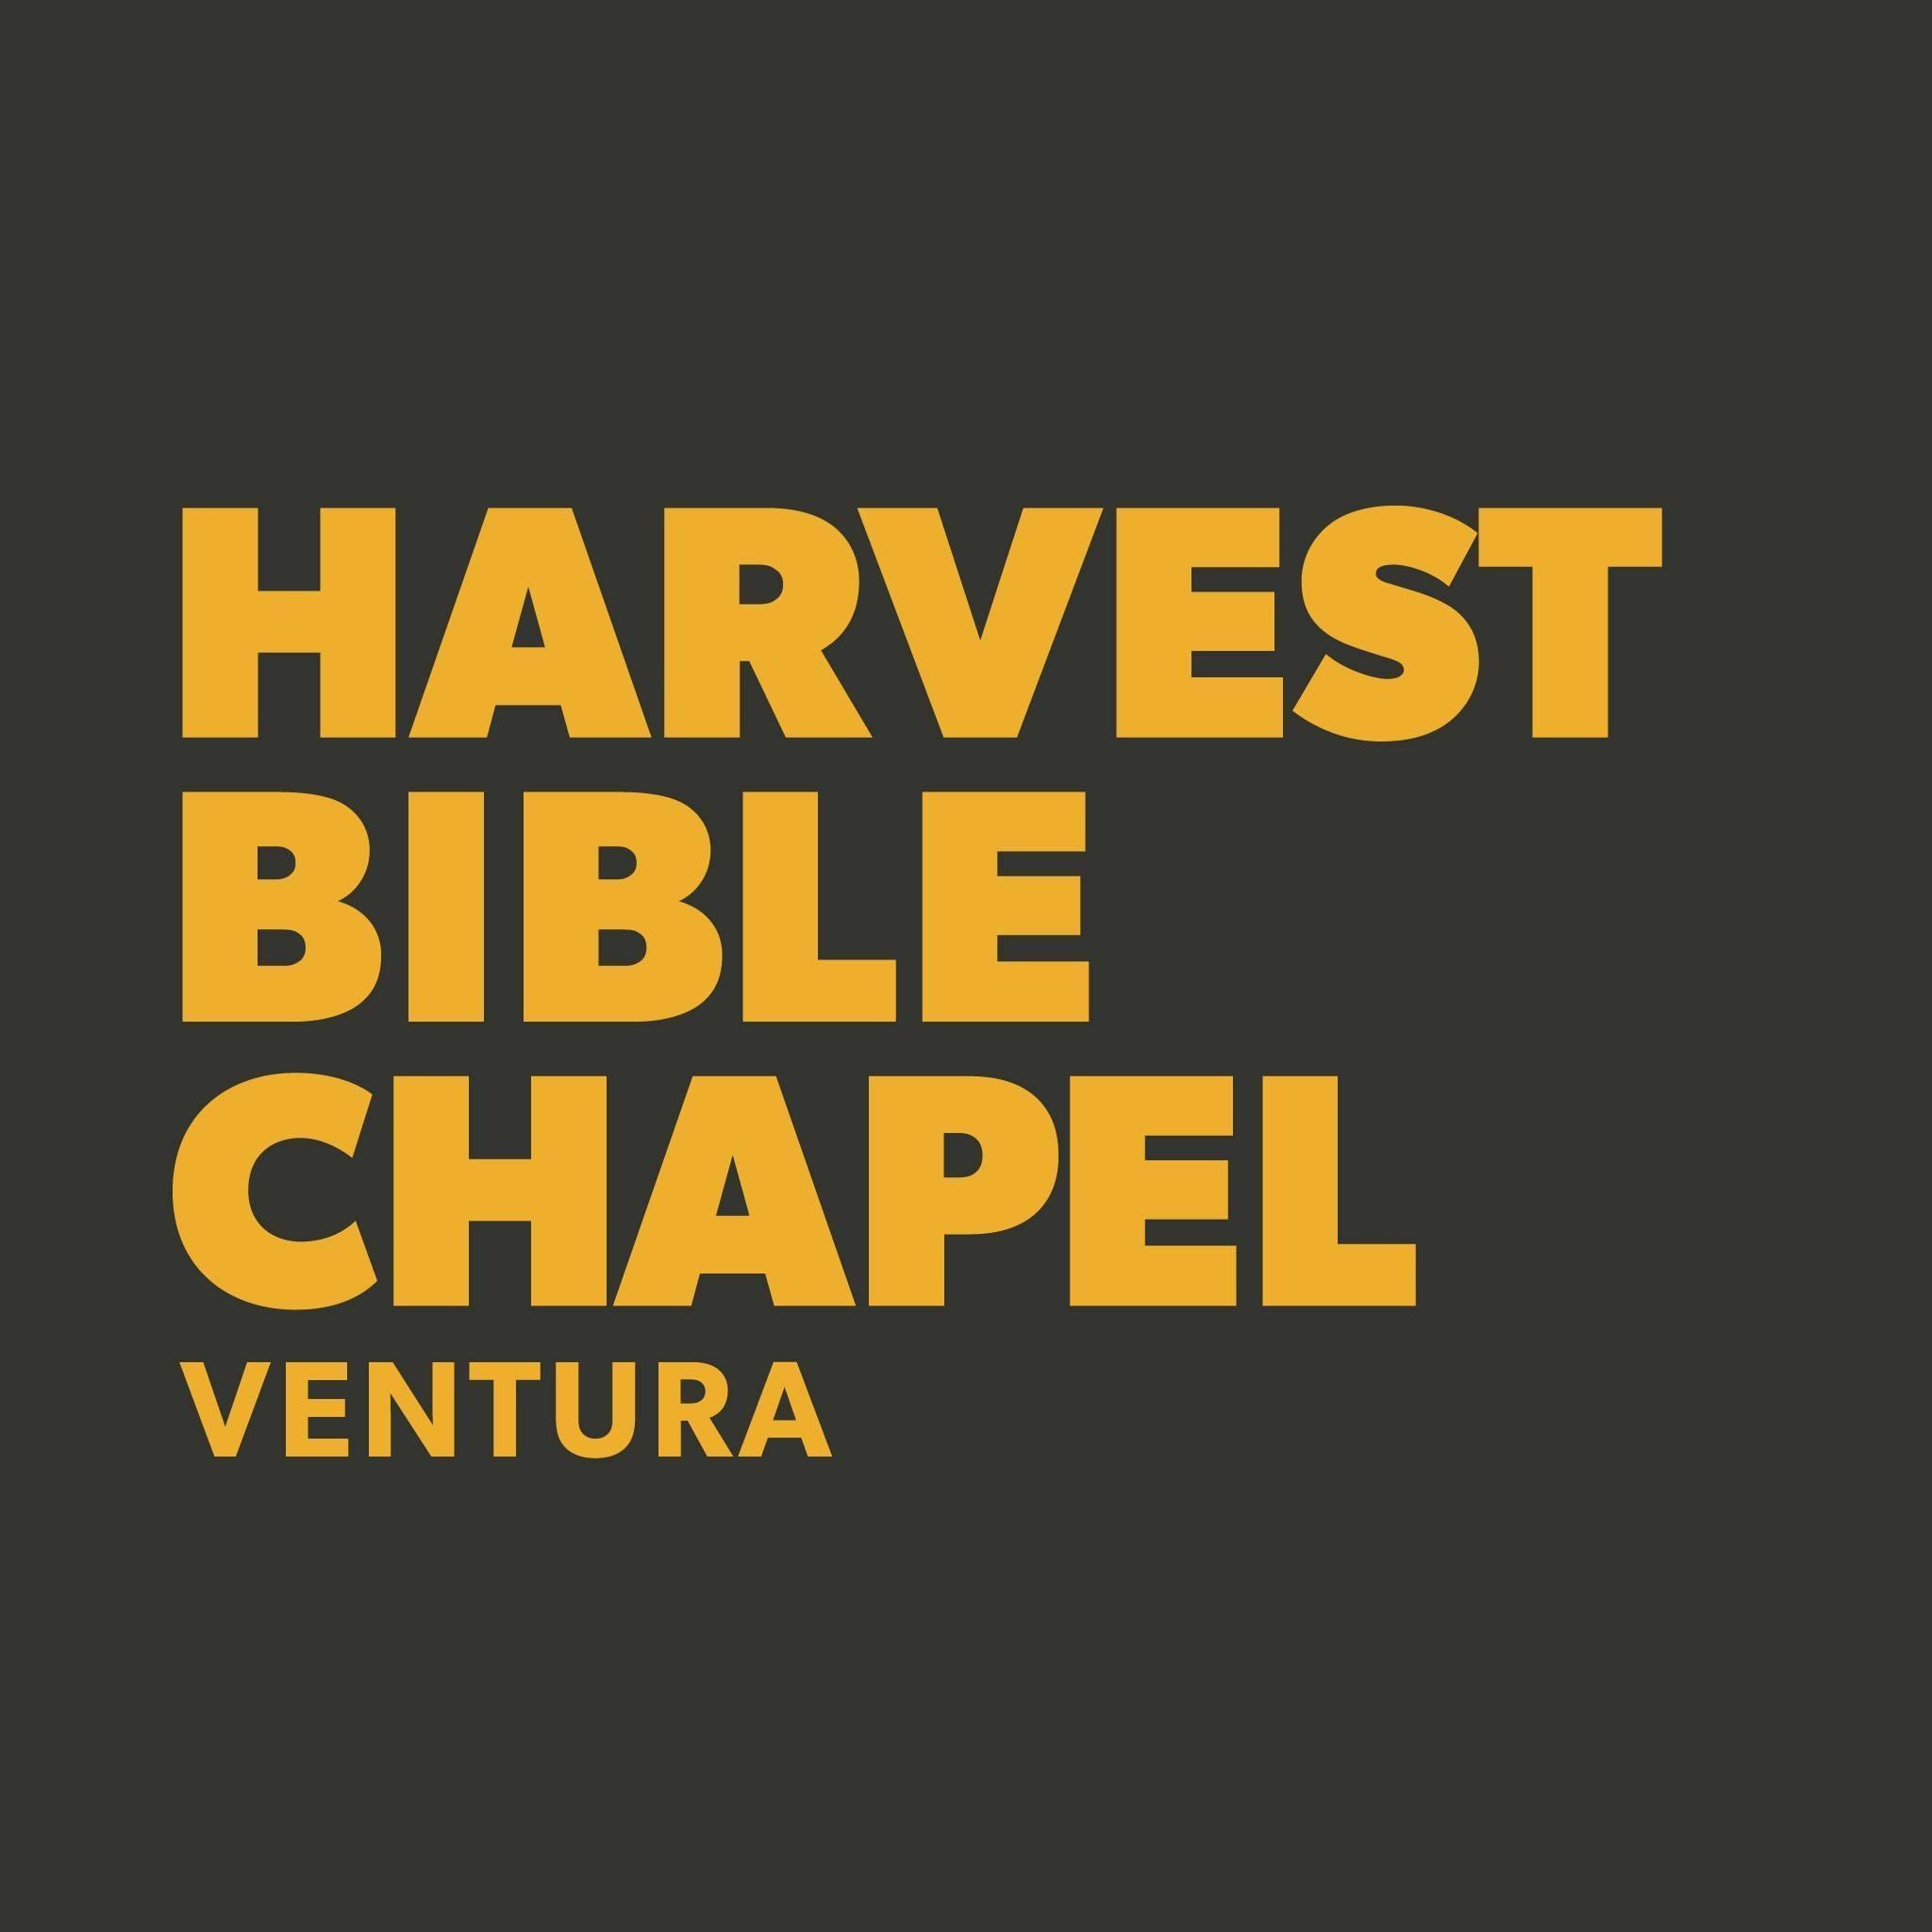 Harvest Bible Chapel Ventura